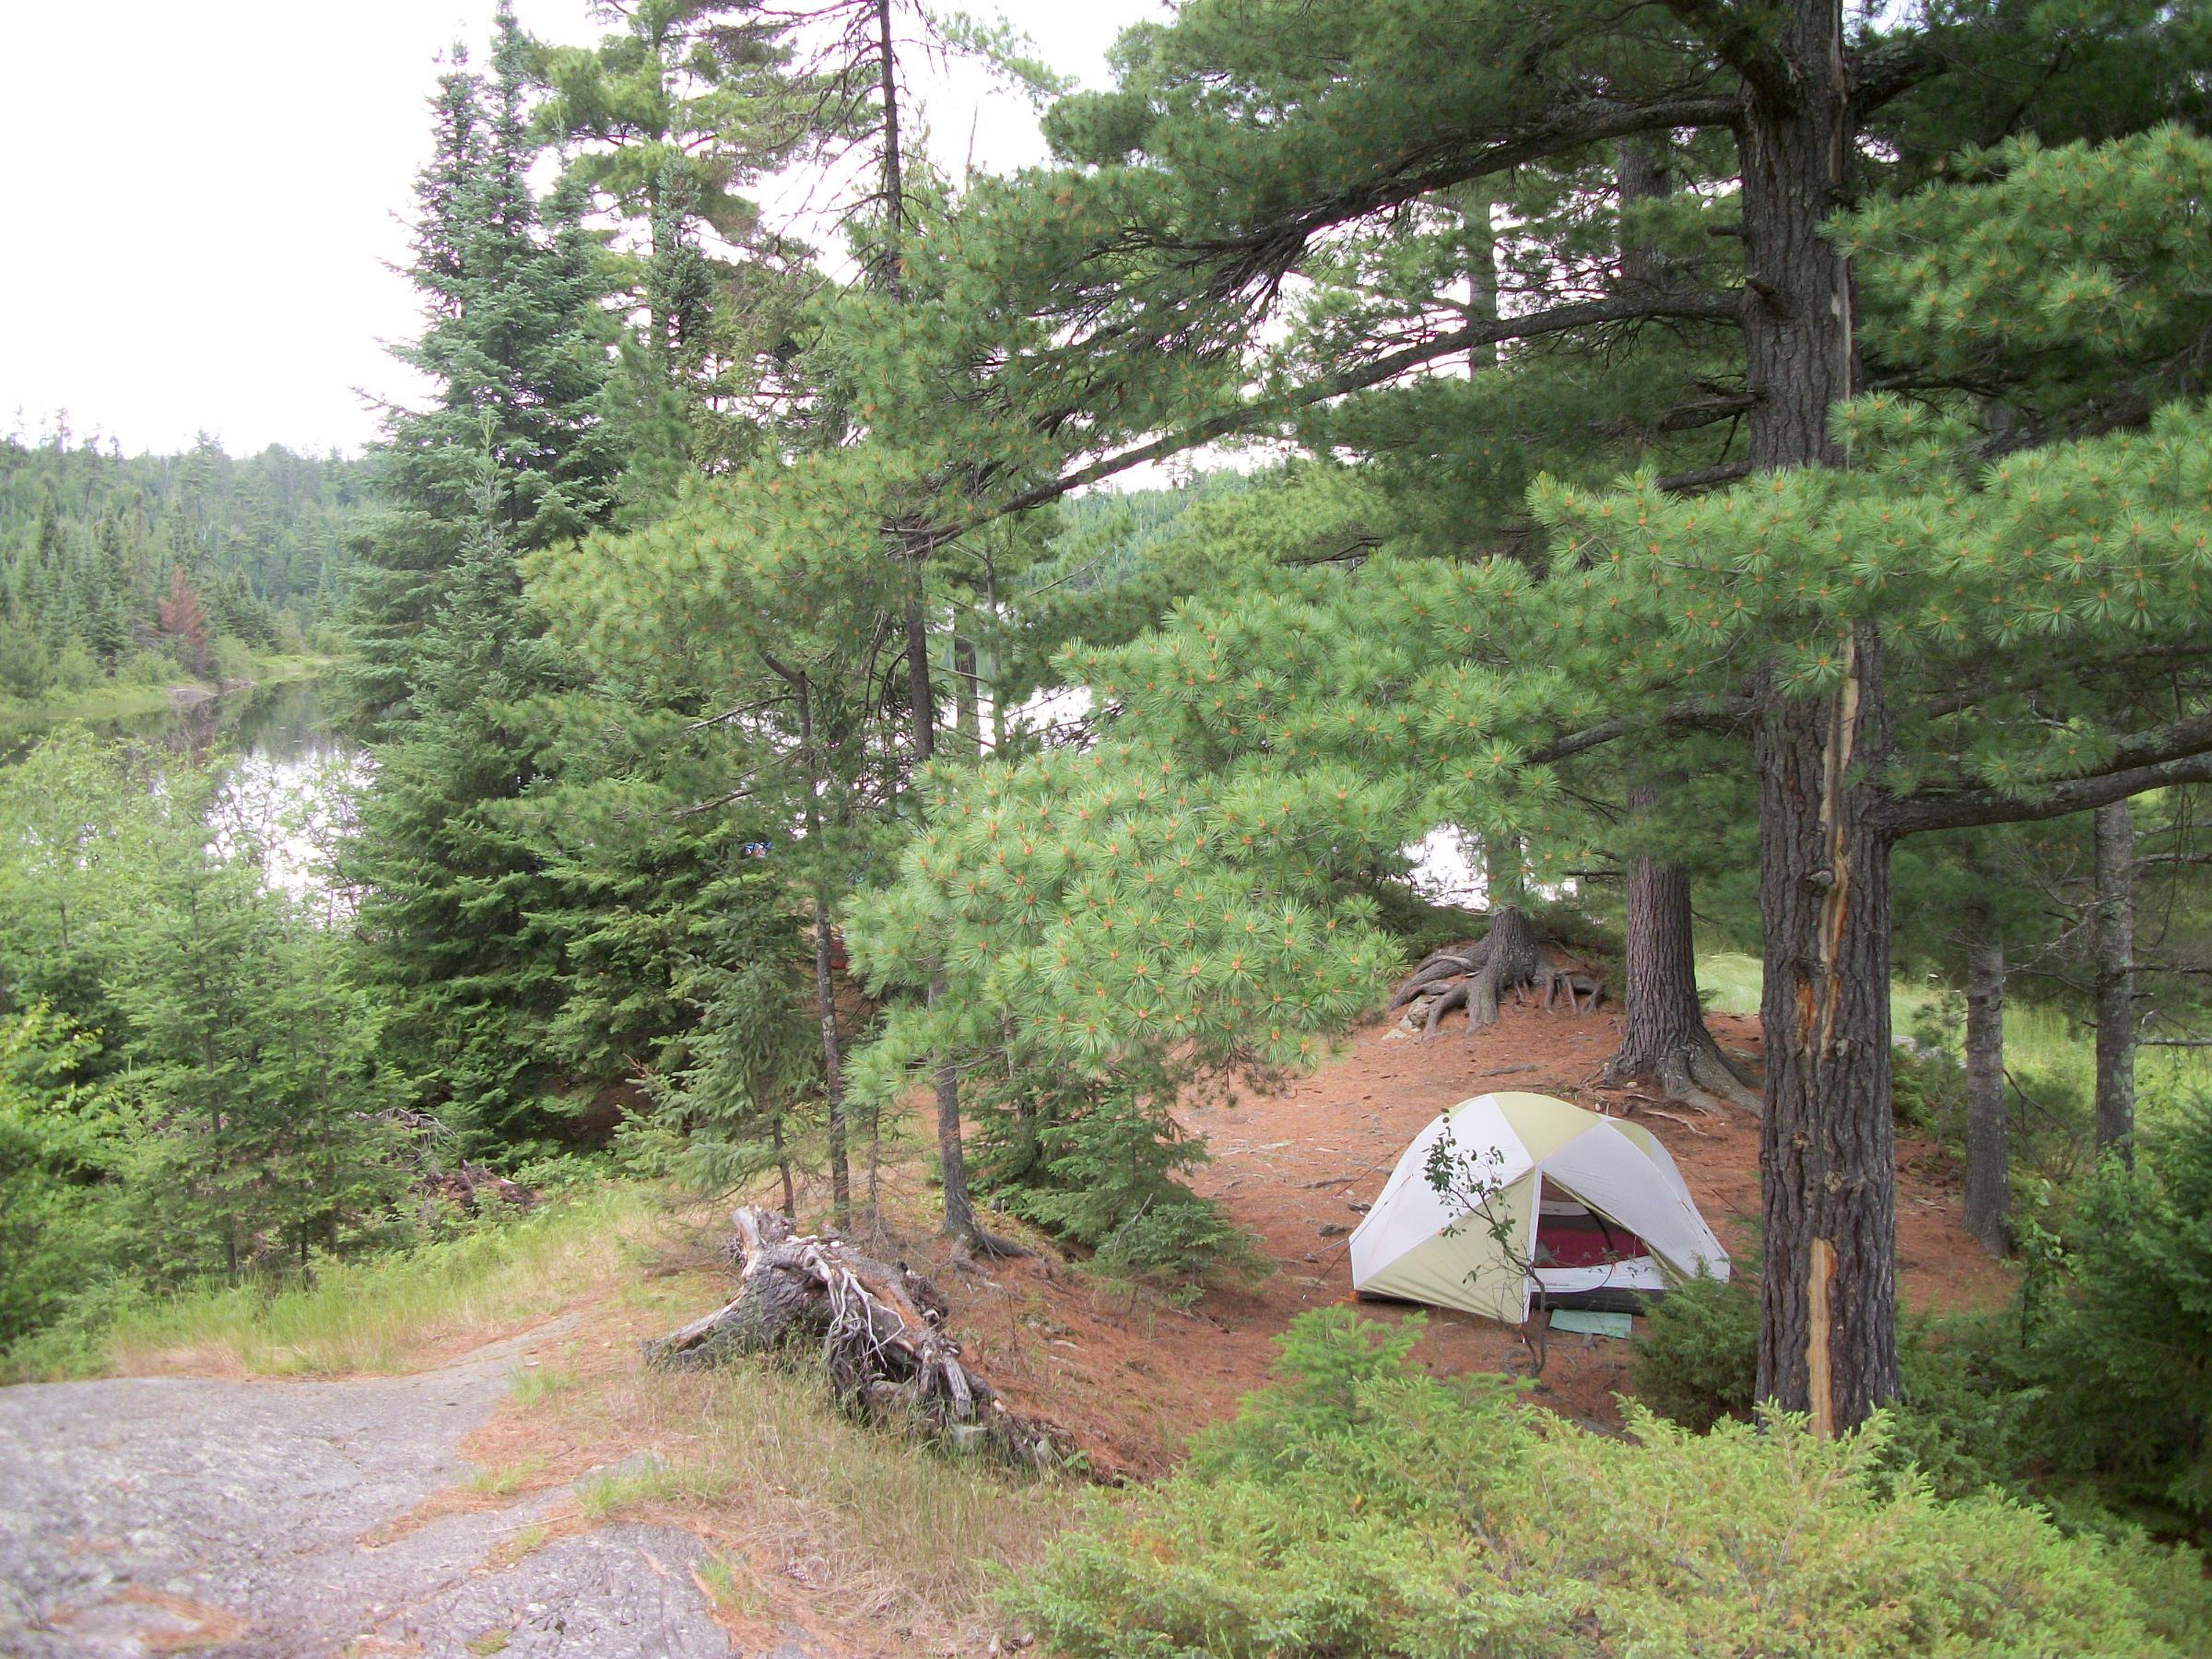 Under the White Pine